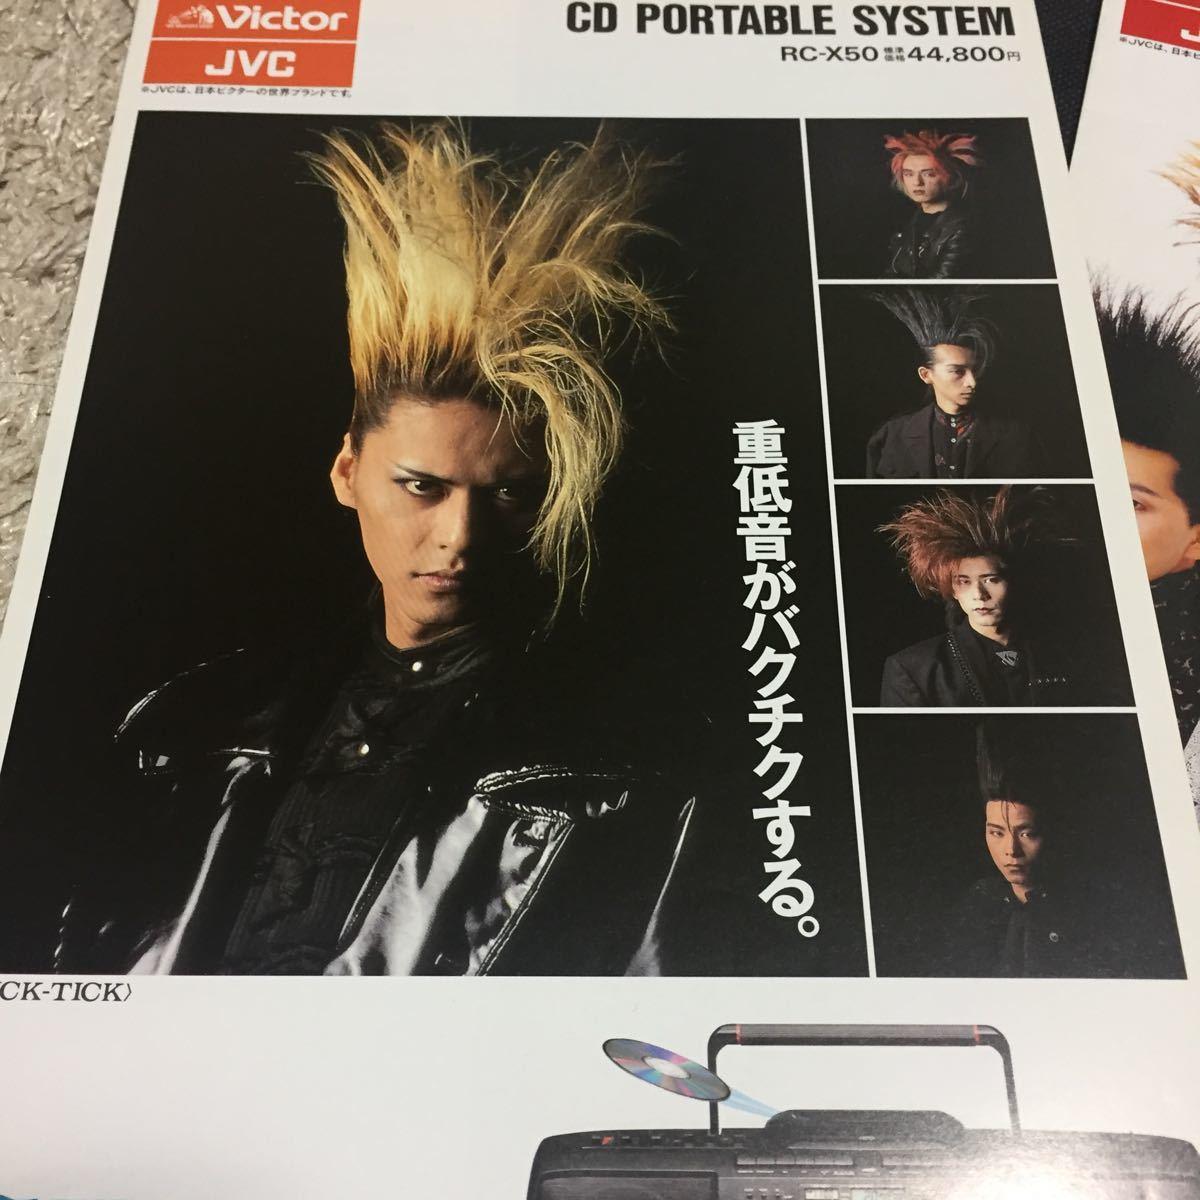 希少 BUCK-TICK バクチク CDIan 商品カタログ 3枚セット 櫻井敦司_画像2